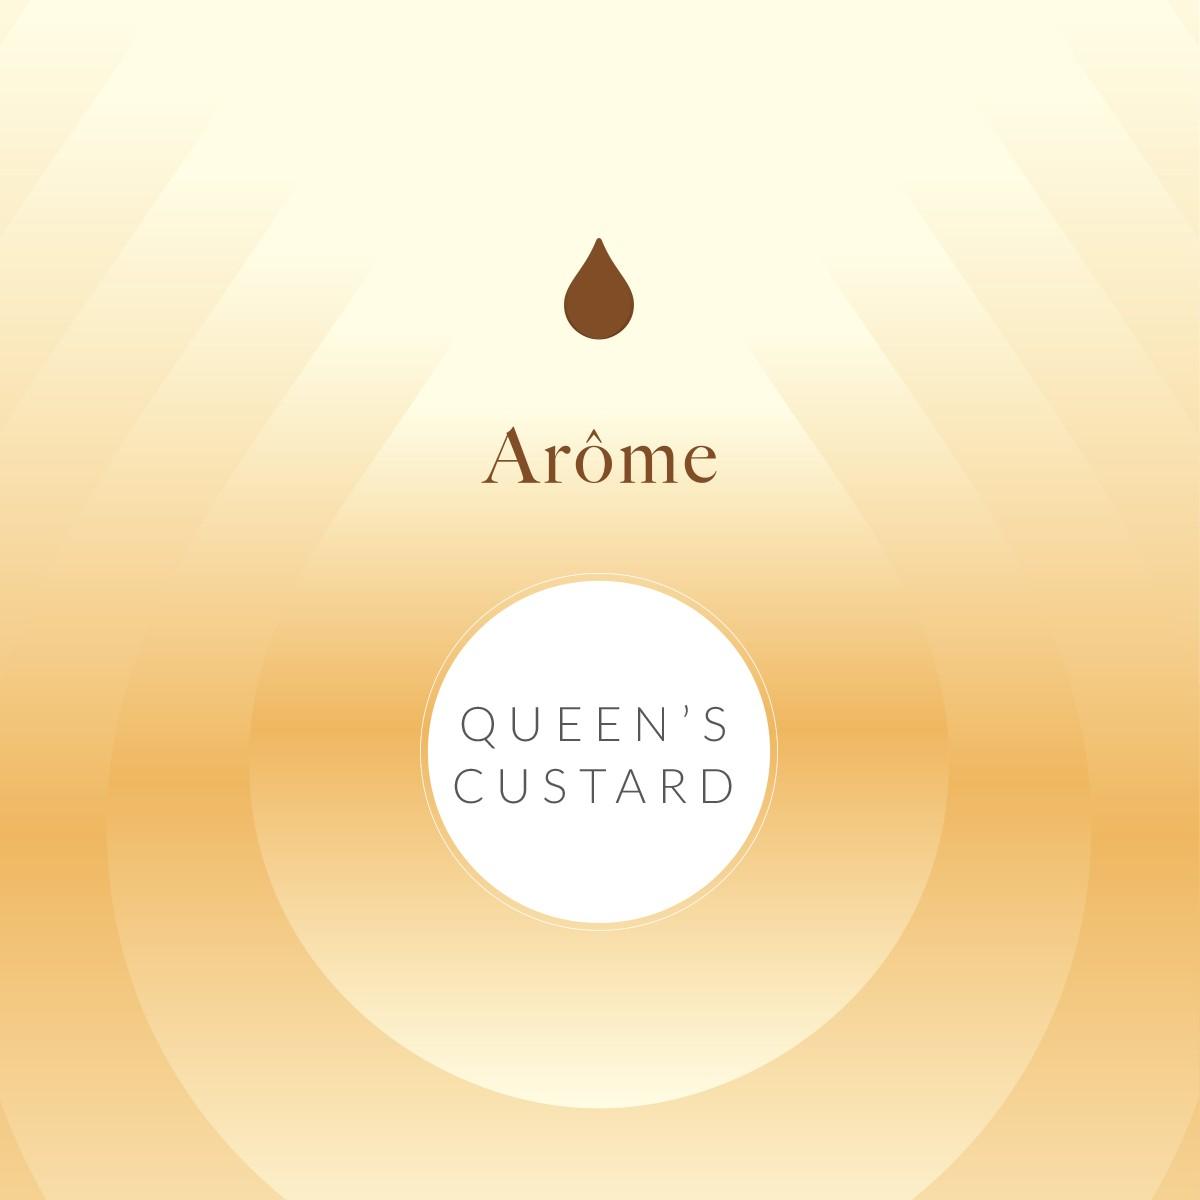 Queen's Custard